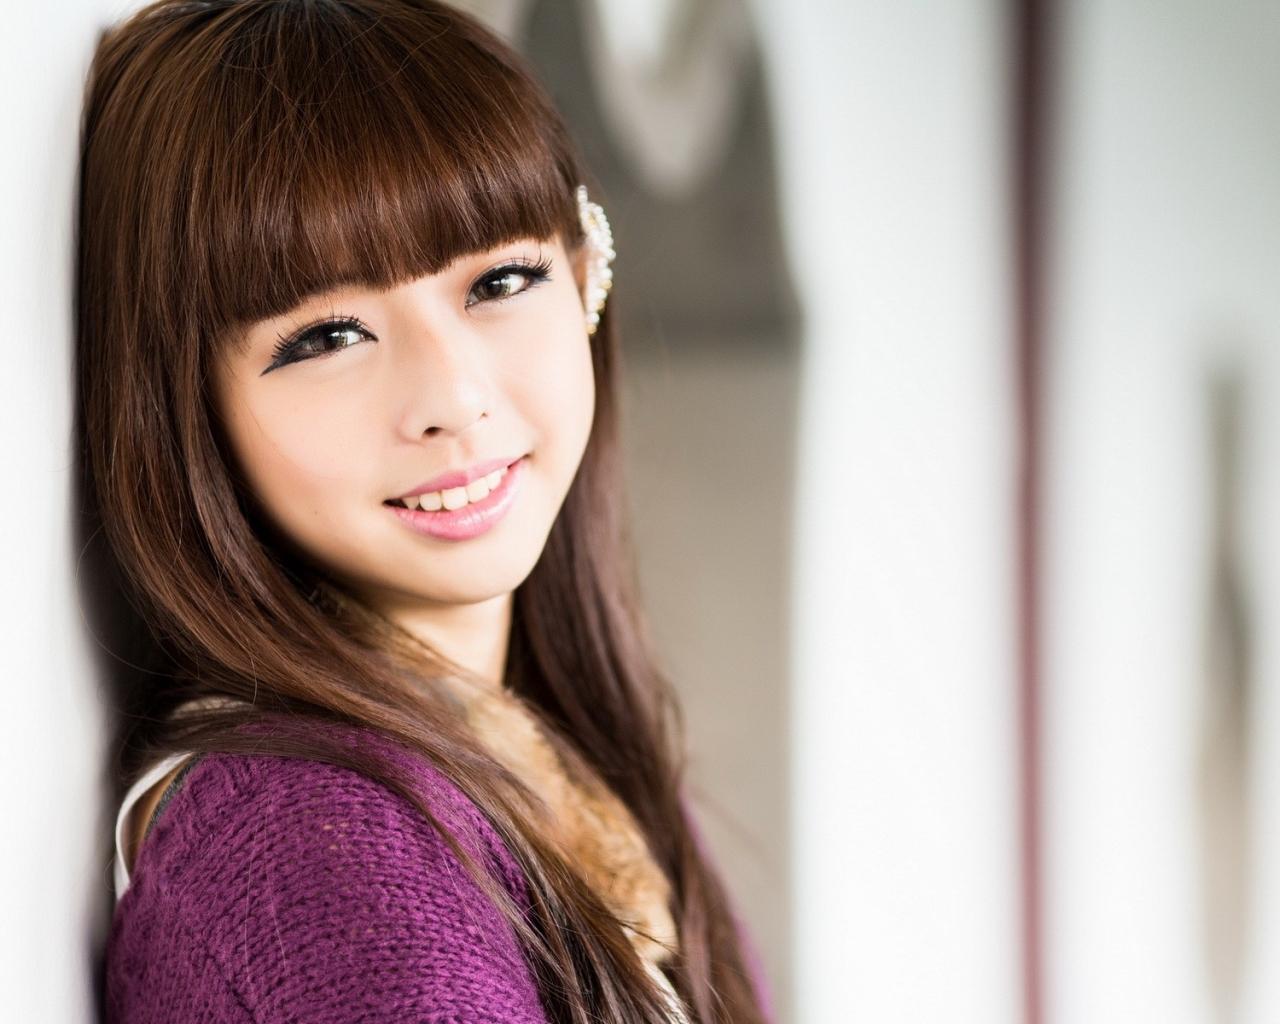 Bello rostro asiático - 1280x1024